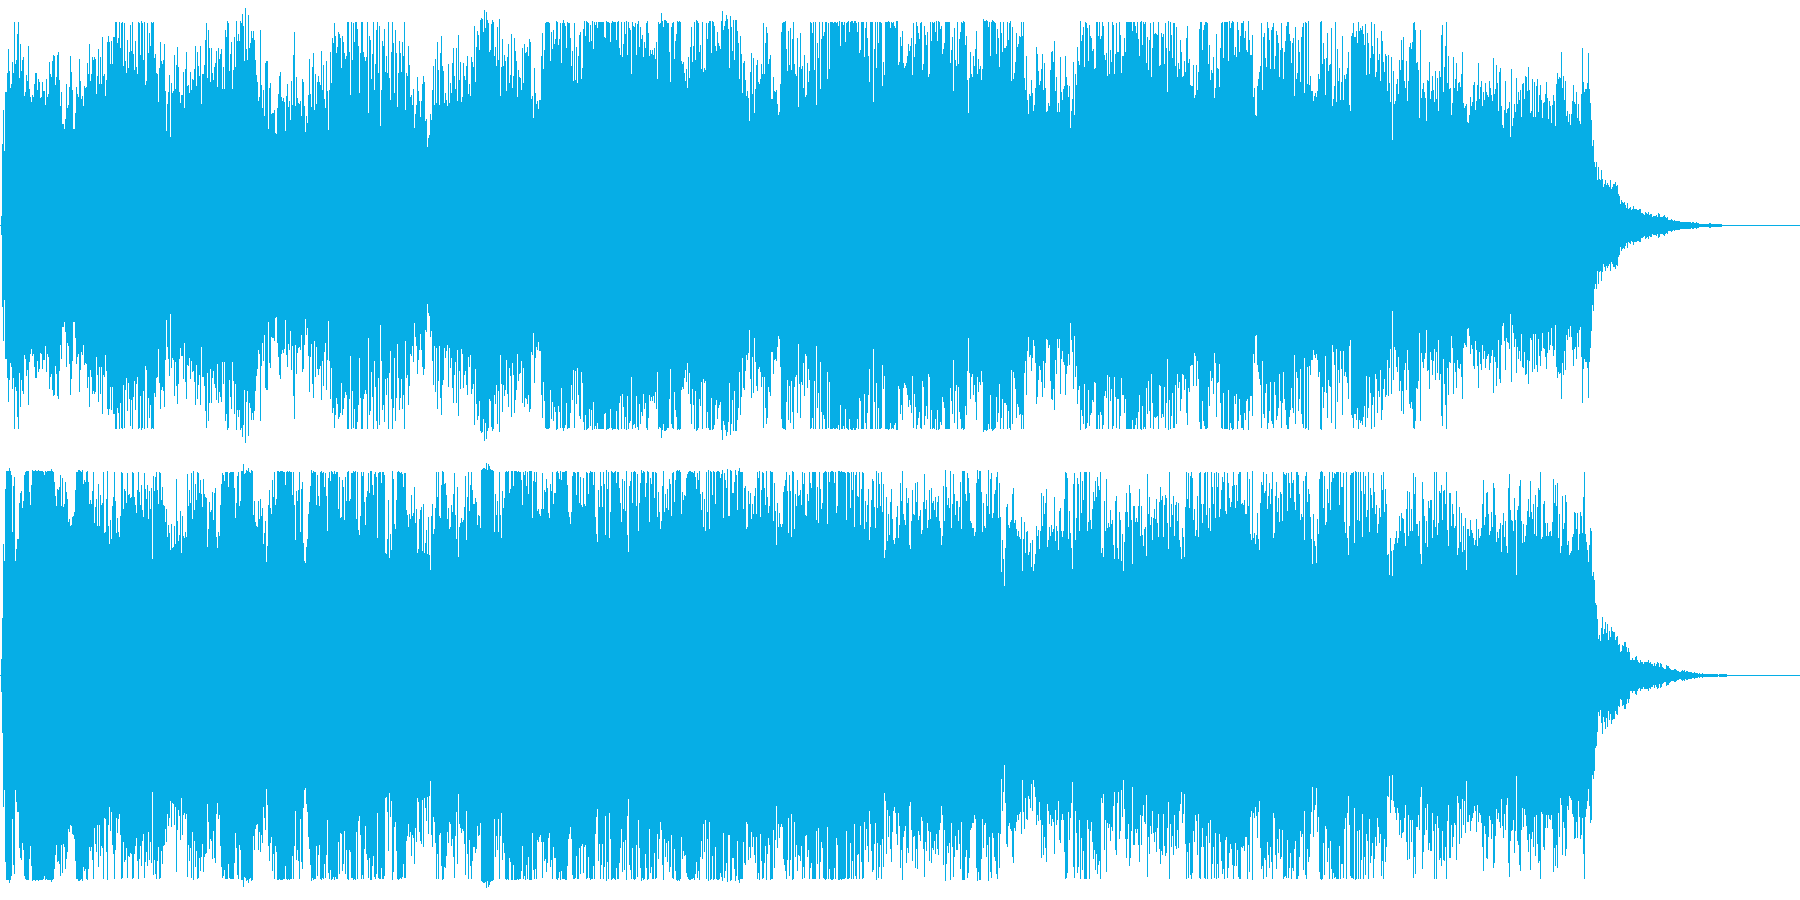 トレーラー、予告編 ファンタジックな曲の再生済みの波形